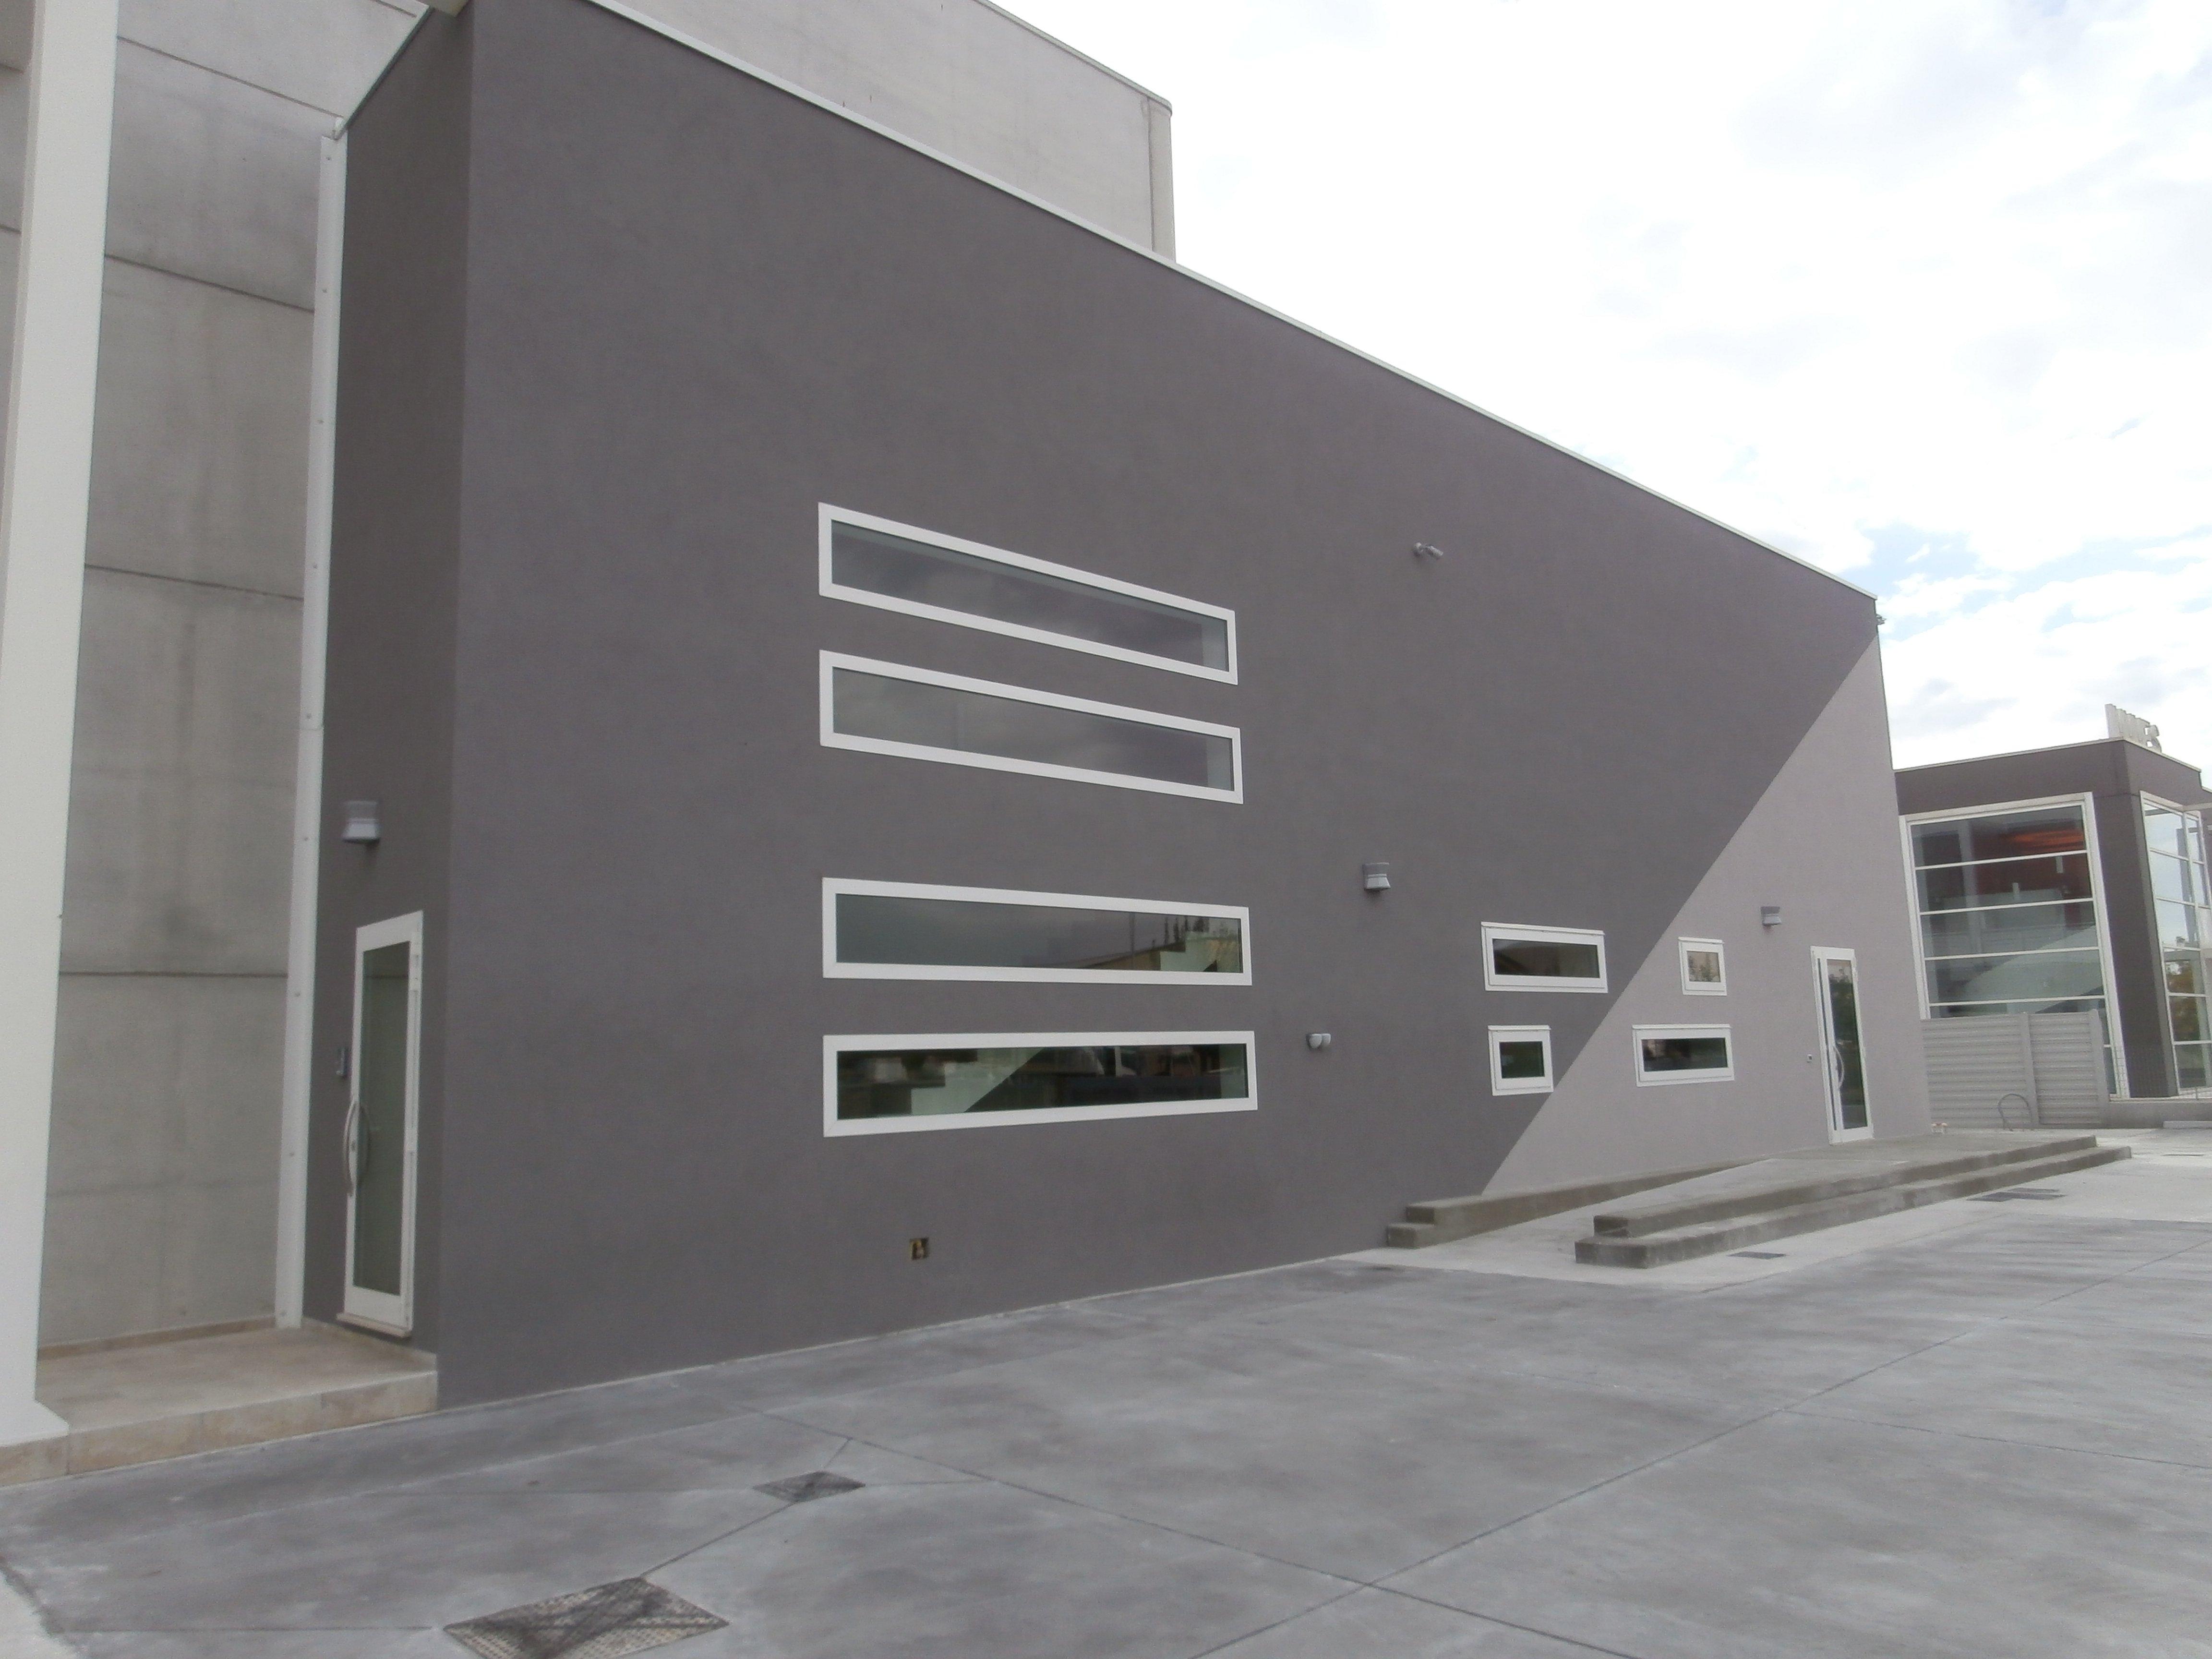 Edificio con infissi in alluminio